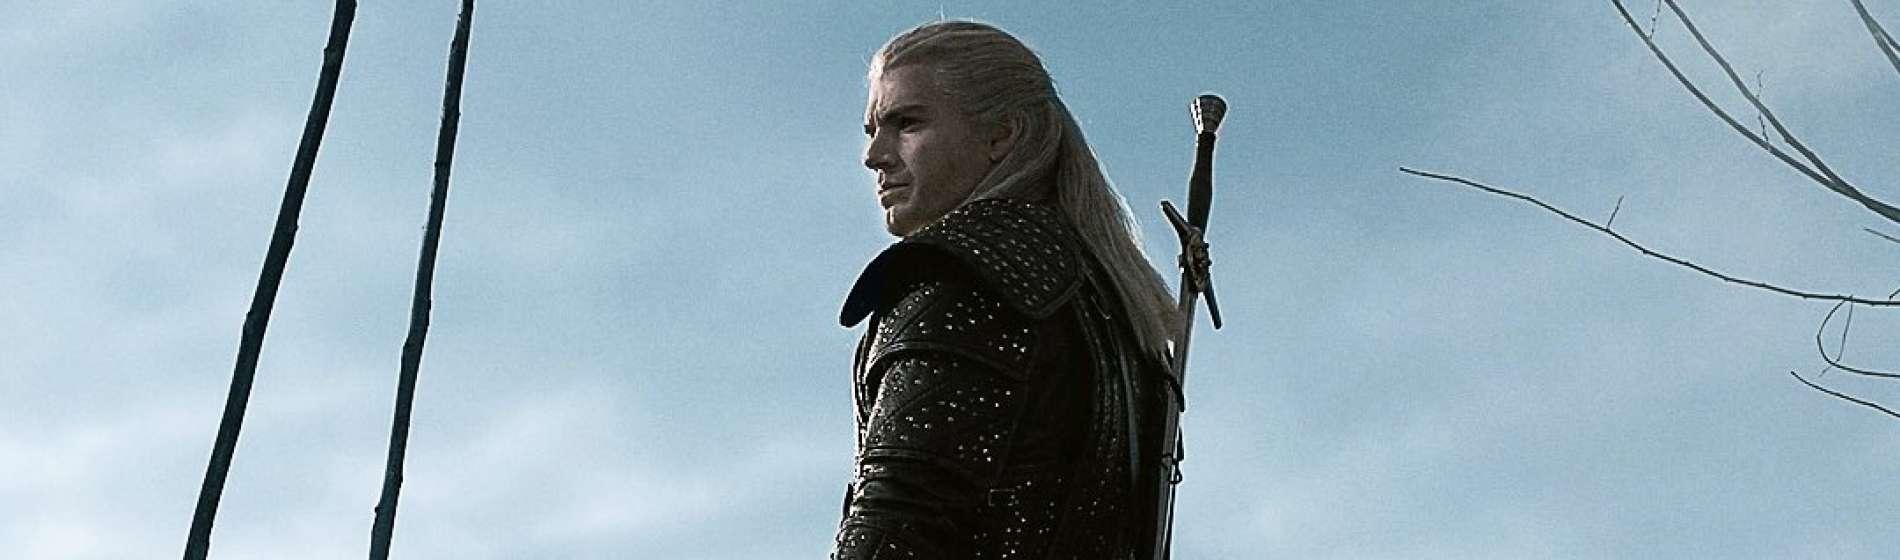 The Witcher Netflix Geralt 2